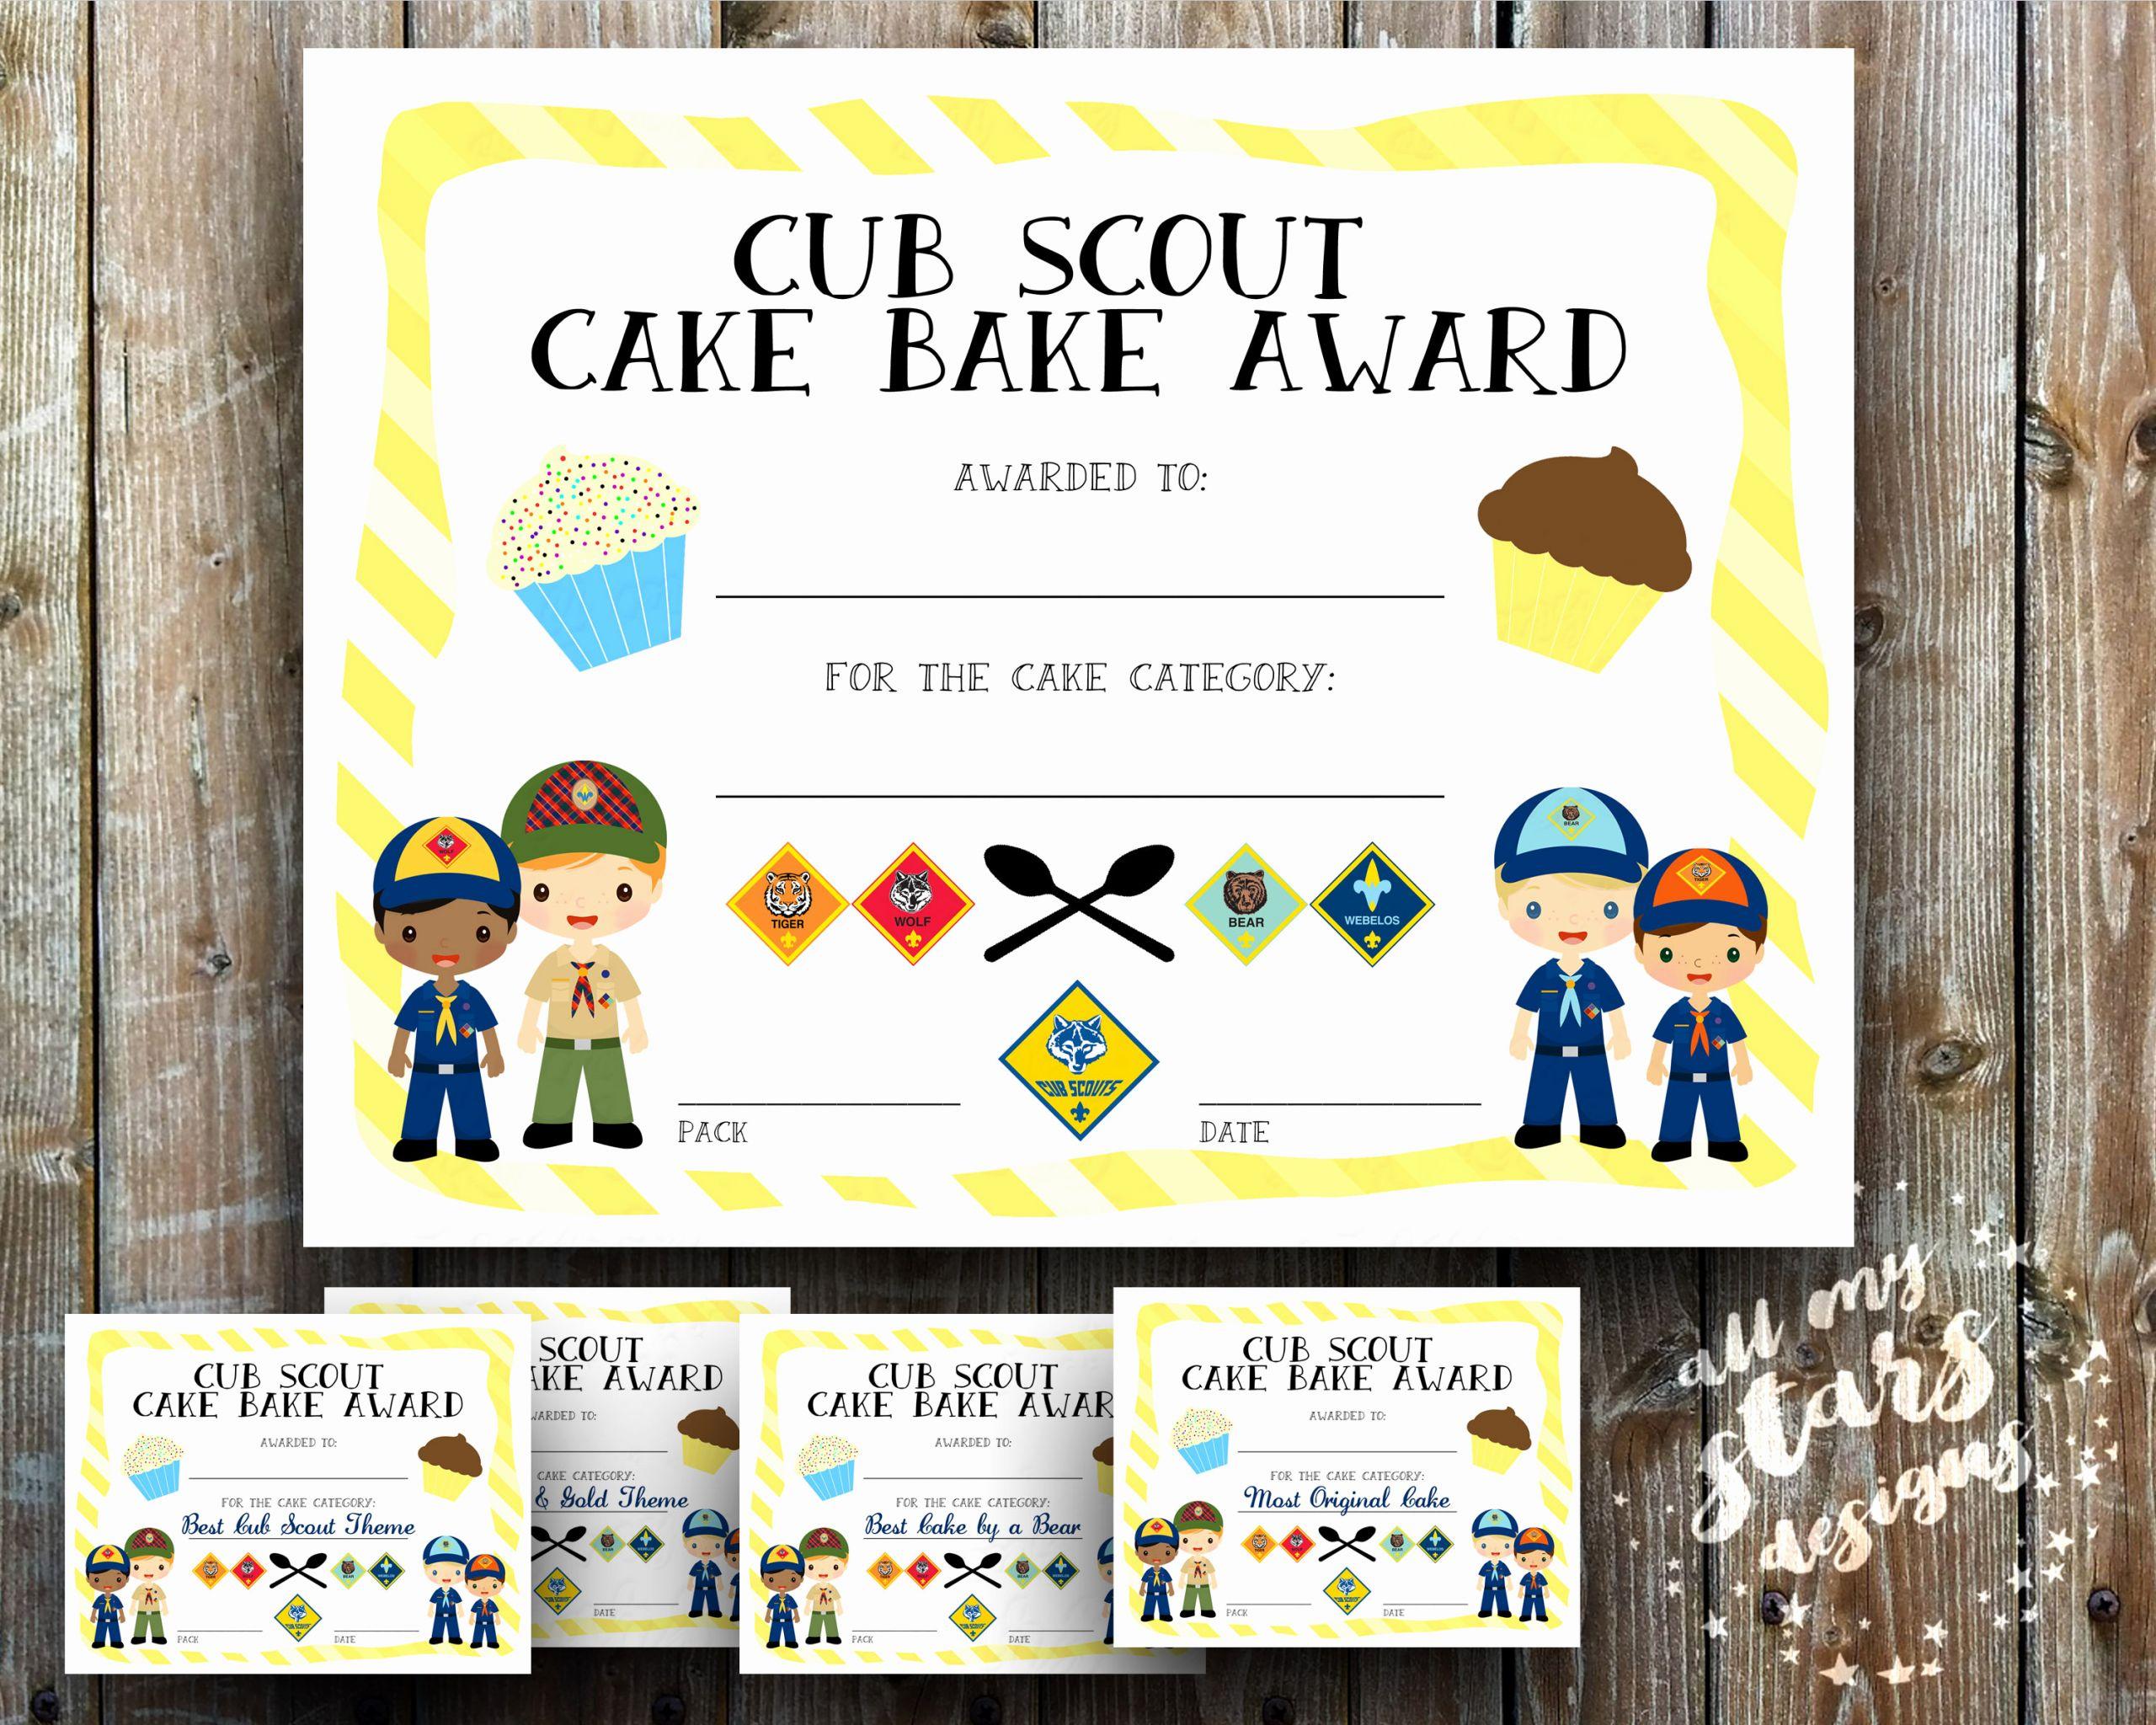 Cub Scout Award Certificate Template Unique Cub Scout Cake Bake Award Certificate Pack 8 5x11 Jpg